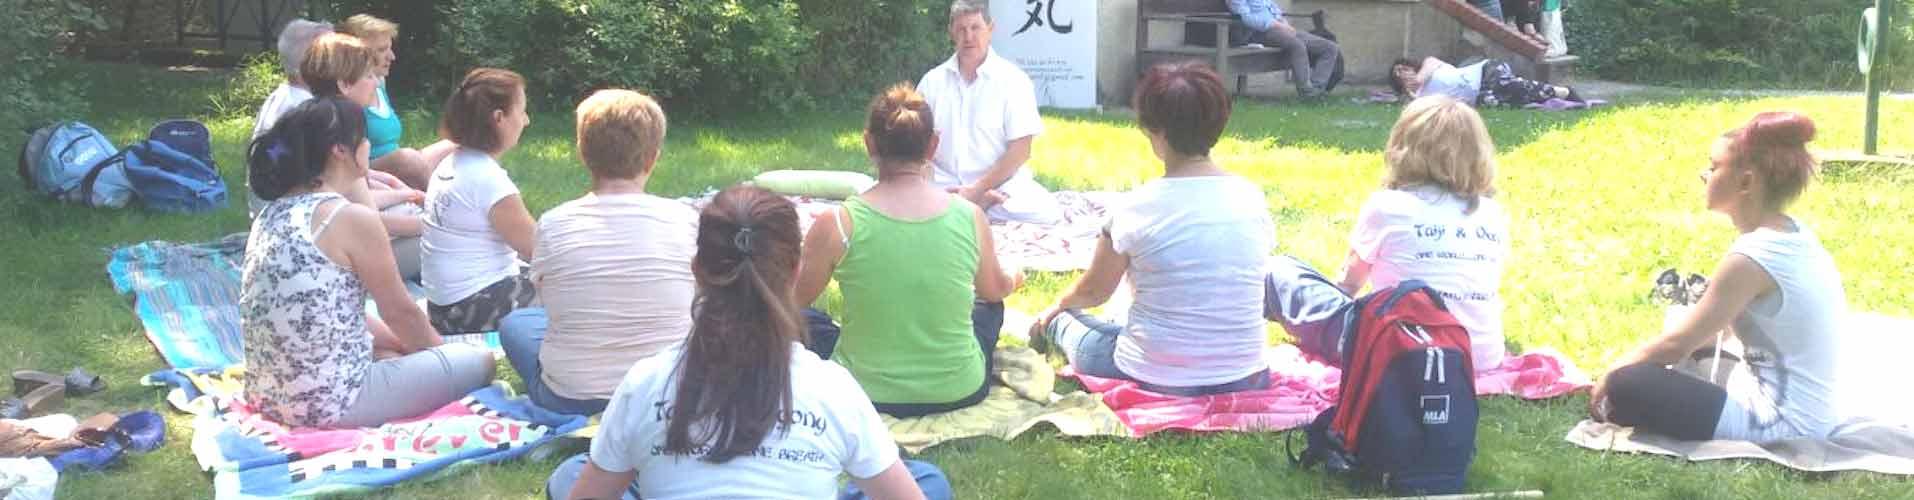 Zorba Il Buddha Un B&B E Centro di Meditazione